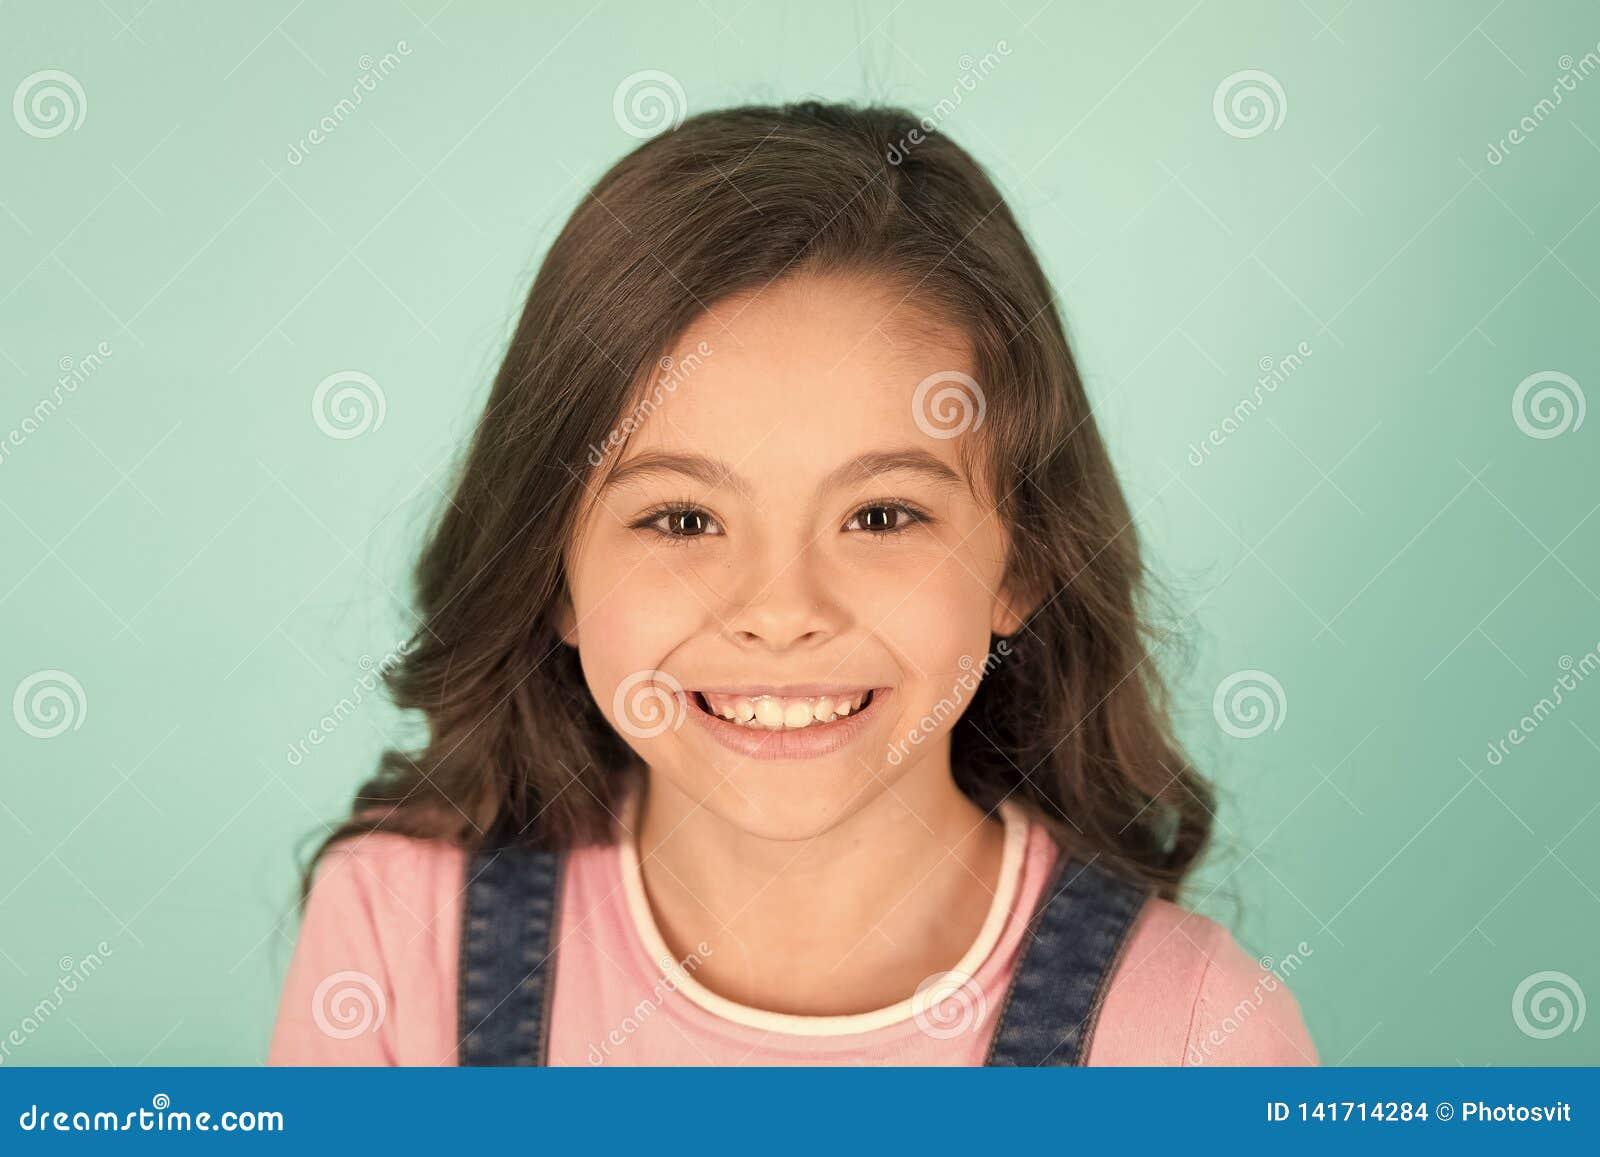 美好的微笑 儿童愉快快乐享受童年 女孩卷曲发型可爱的微笑的愉快的面孔 孩子迷住